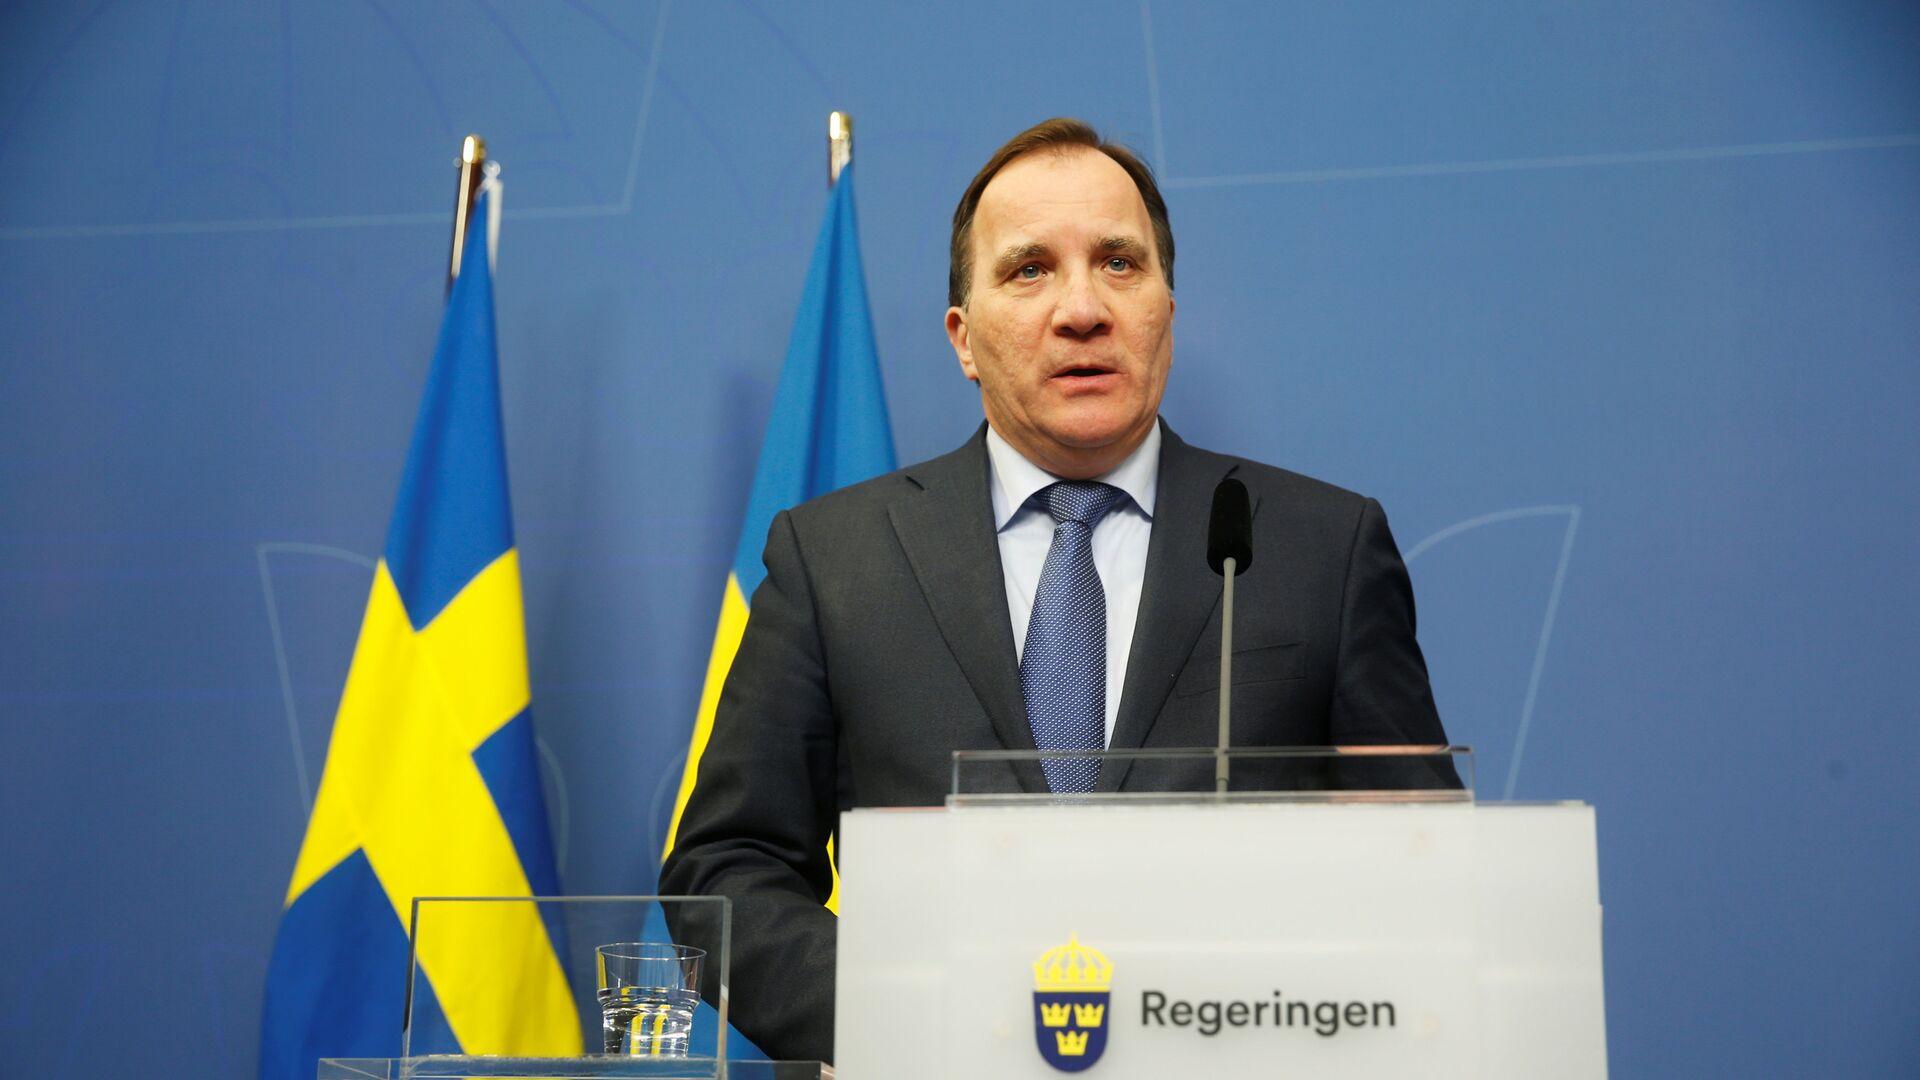 Swedish Prime Minister Stefan Lofven speaks at a news conference at Rosenbad after a terror attack on Drottninggatan  - Sputnik Mundo, 1920, 28.06.2021